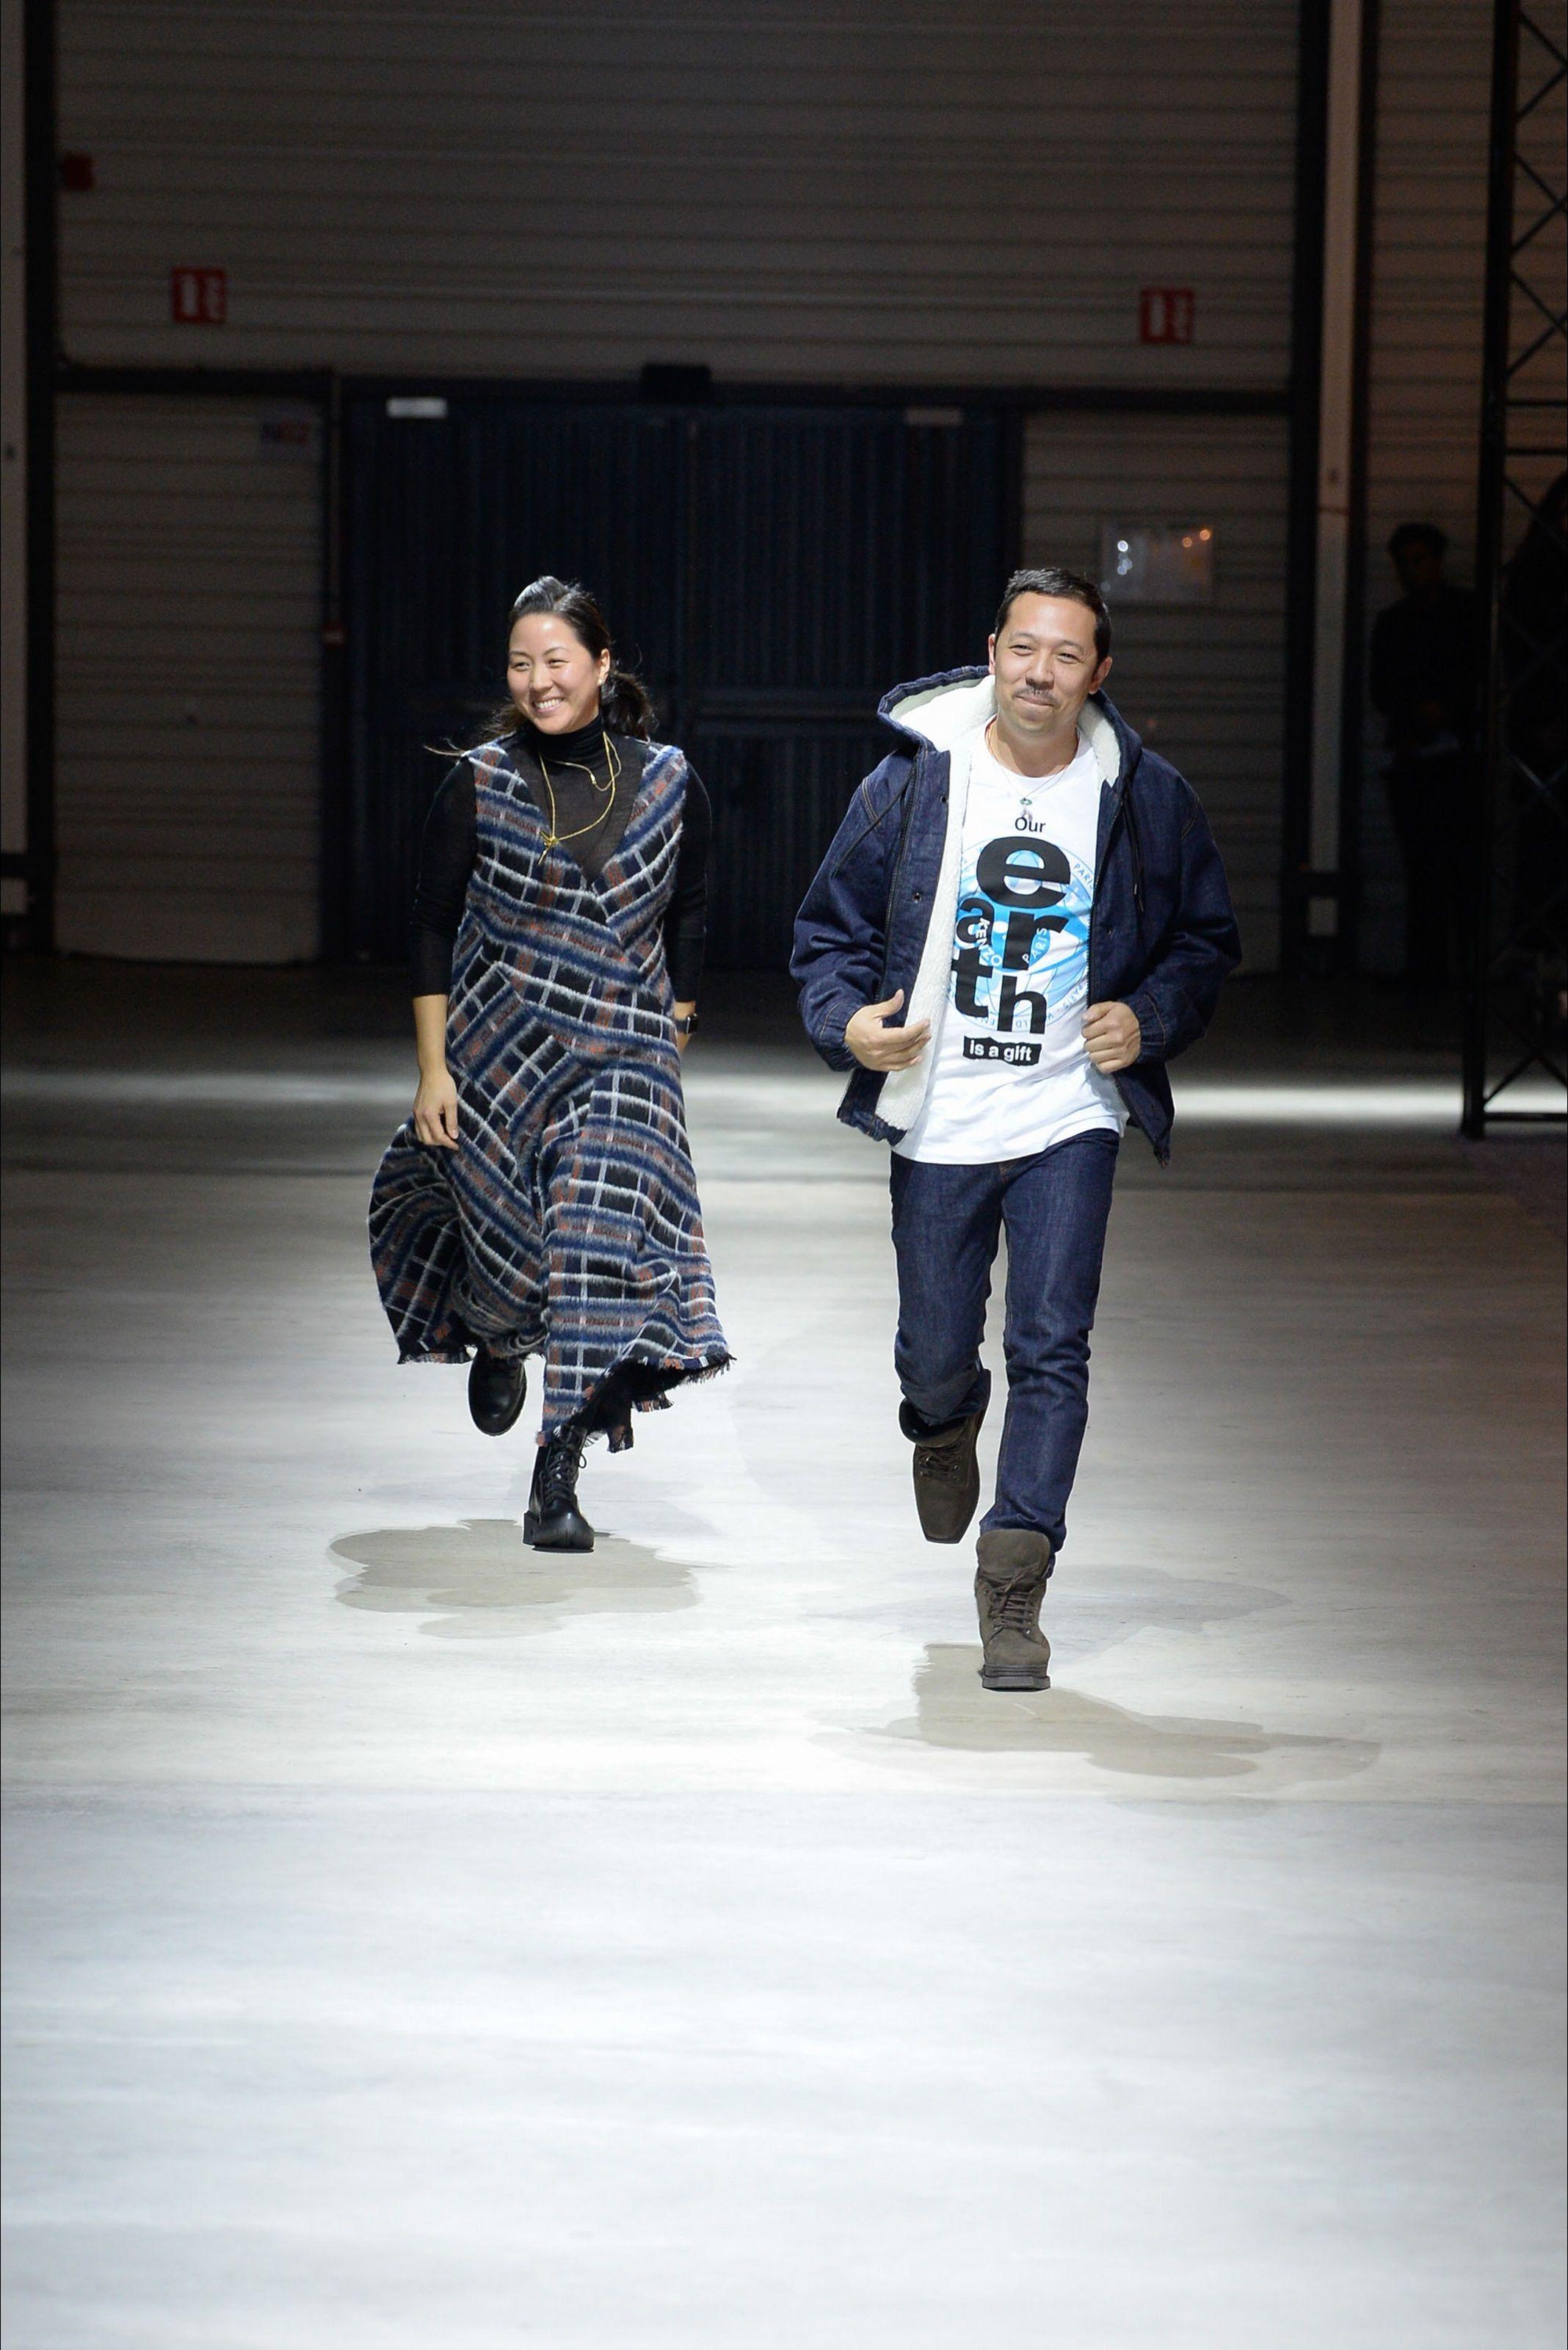 Sfilata Moda Uomo Kenzo Parigi - Autunno Inverno 2017-18 - Vogue